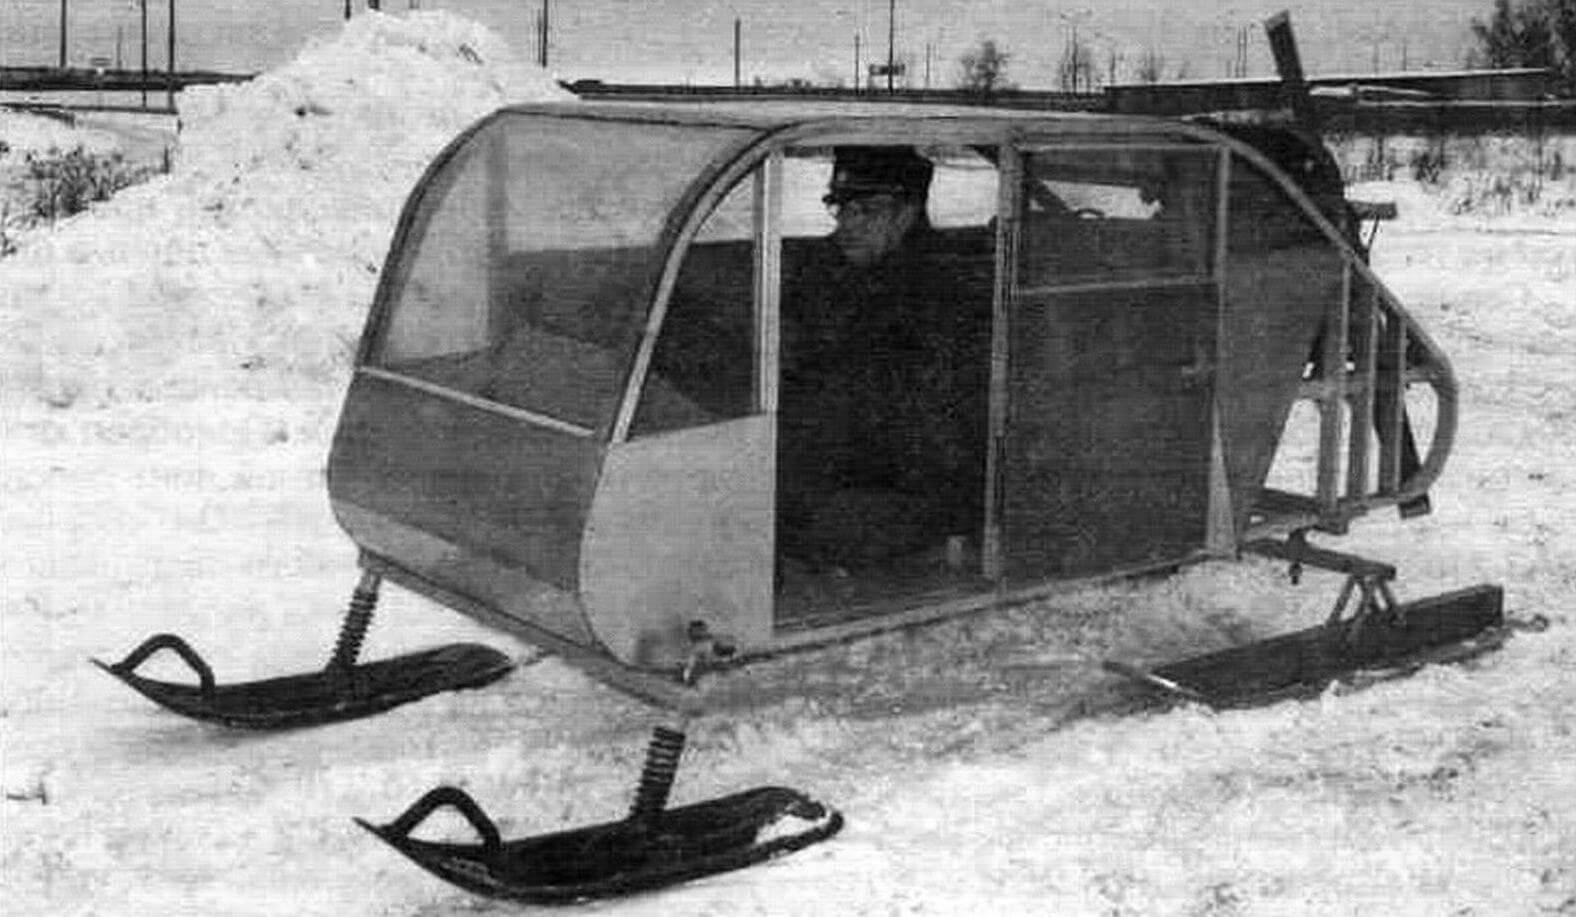 В основе корпуса закрытых аэросаней лежат две боковины из дюралюминиевого профиля 30x50 мм, снаружи обшивка из листов титана и алюминия. В качестве силовой установки использован двигатель воздушного охлаждения от старенького «Фольксвагена»